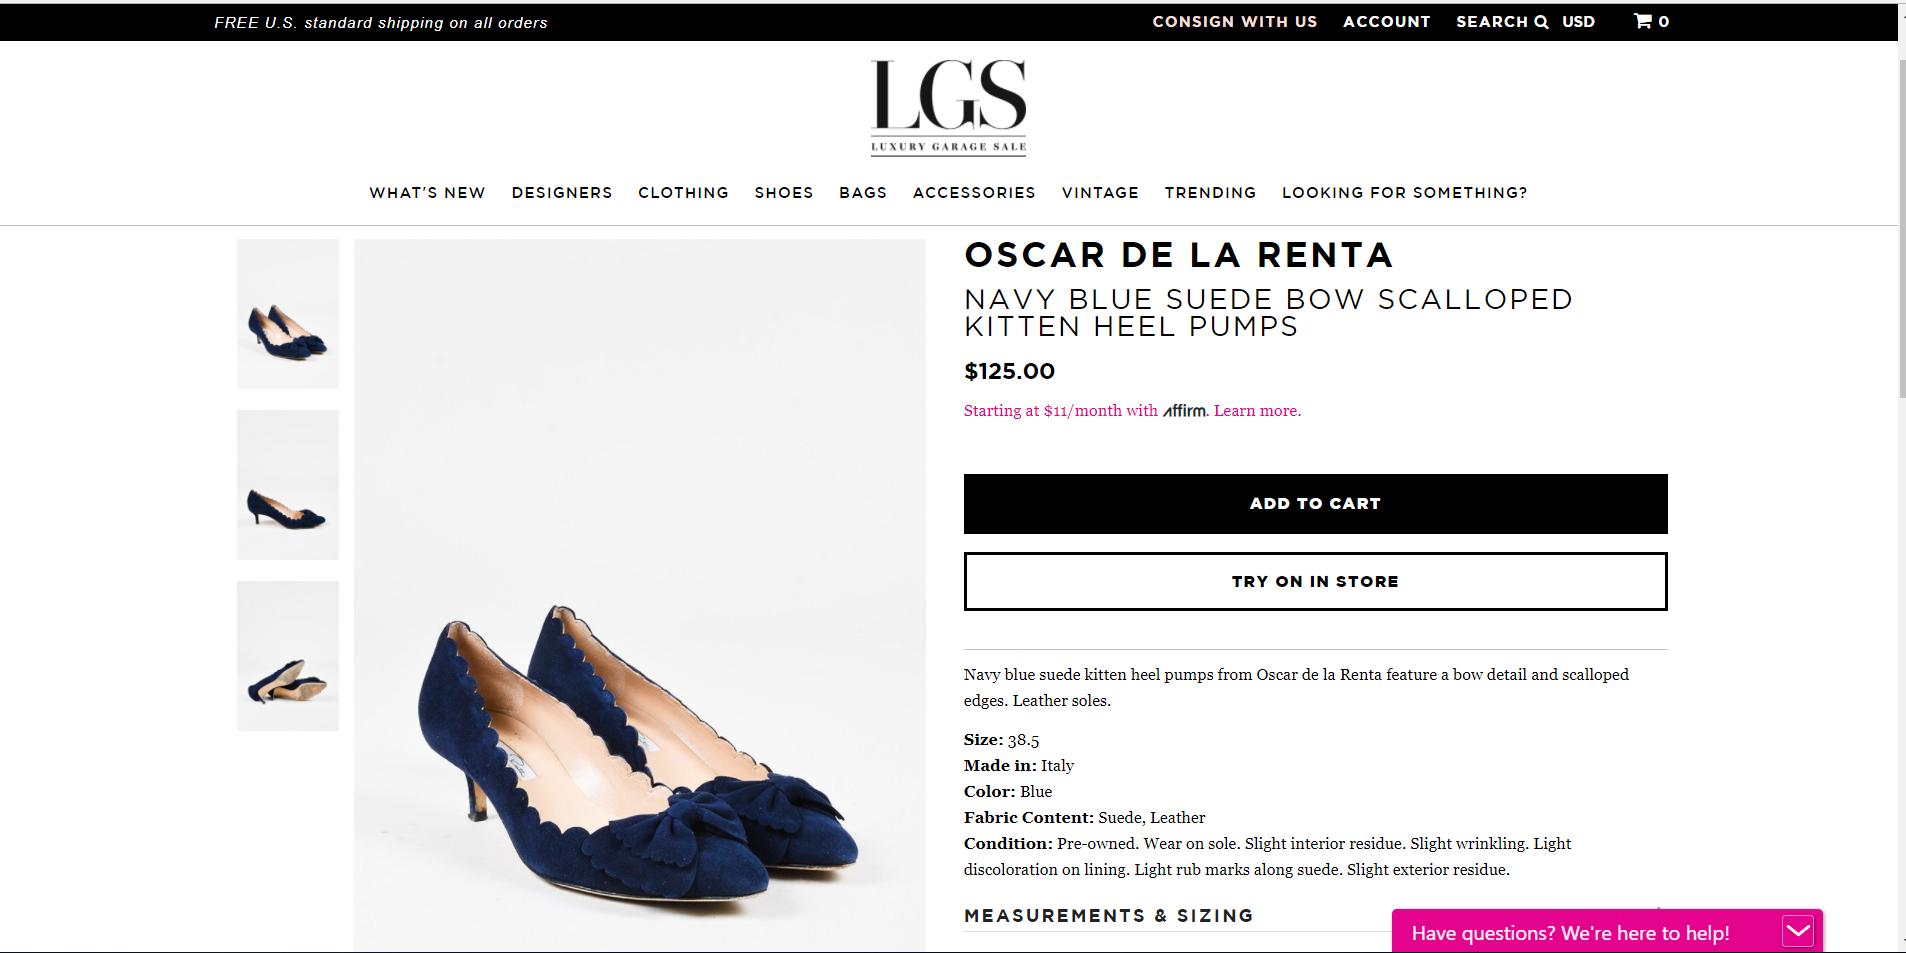 luxury garage sale - 5 sitios web donde comprar marcas de lujo a precios de descuento